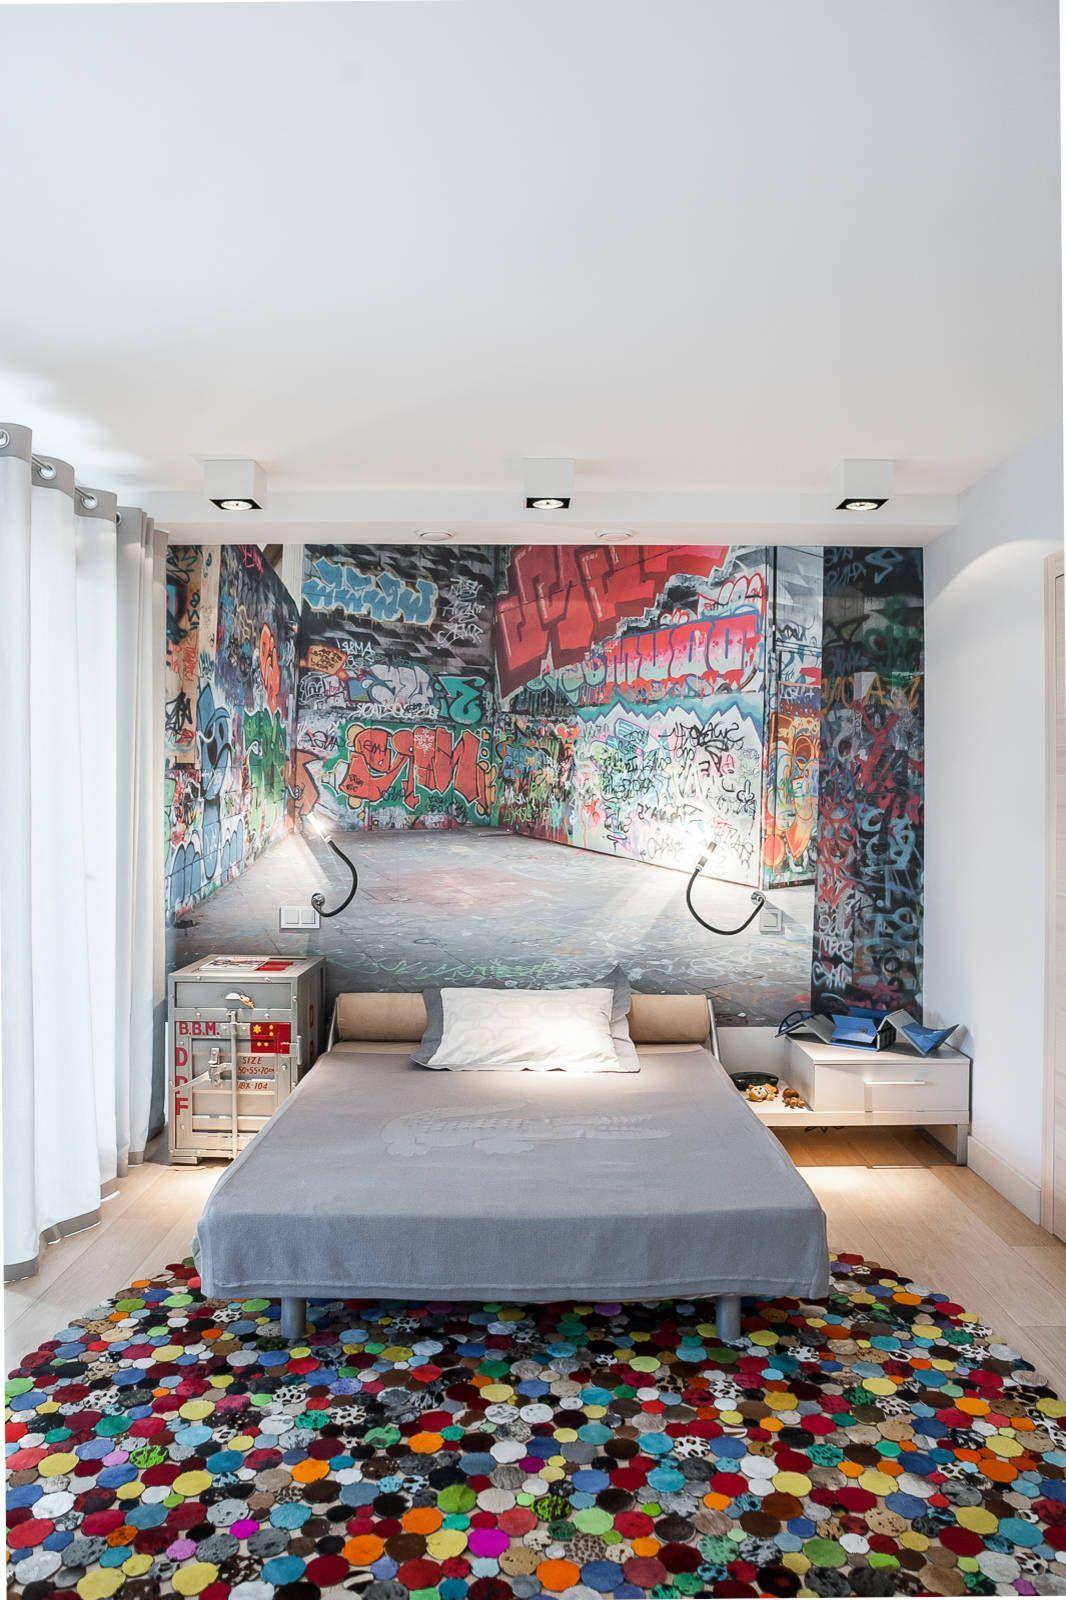 55+ идей оформления прямоугольной комнаты http://happymodern.ru/pryamougolnaya-komnata/ 3D-обои обои в комнате подростка